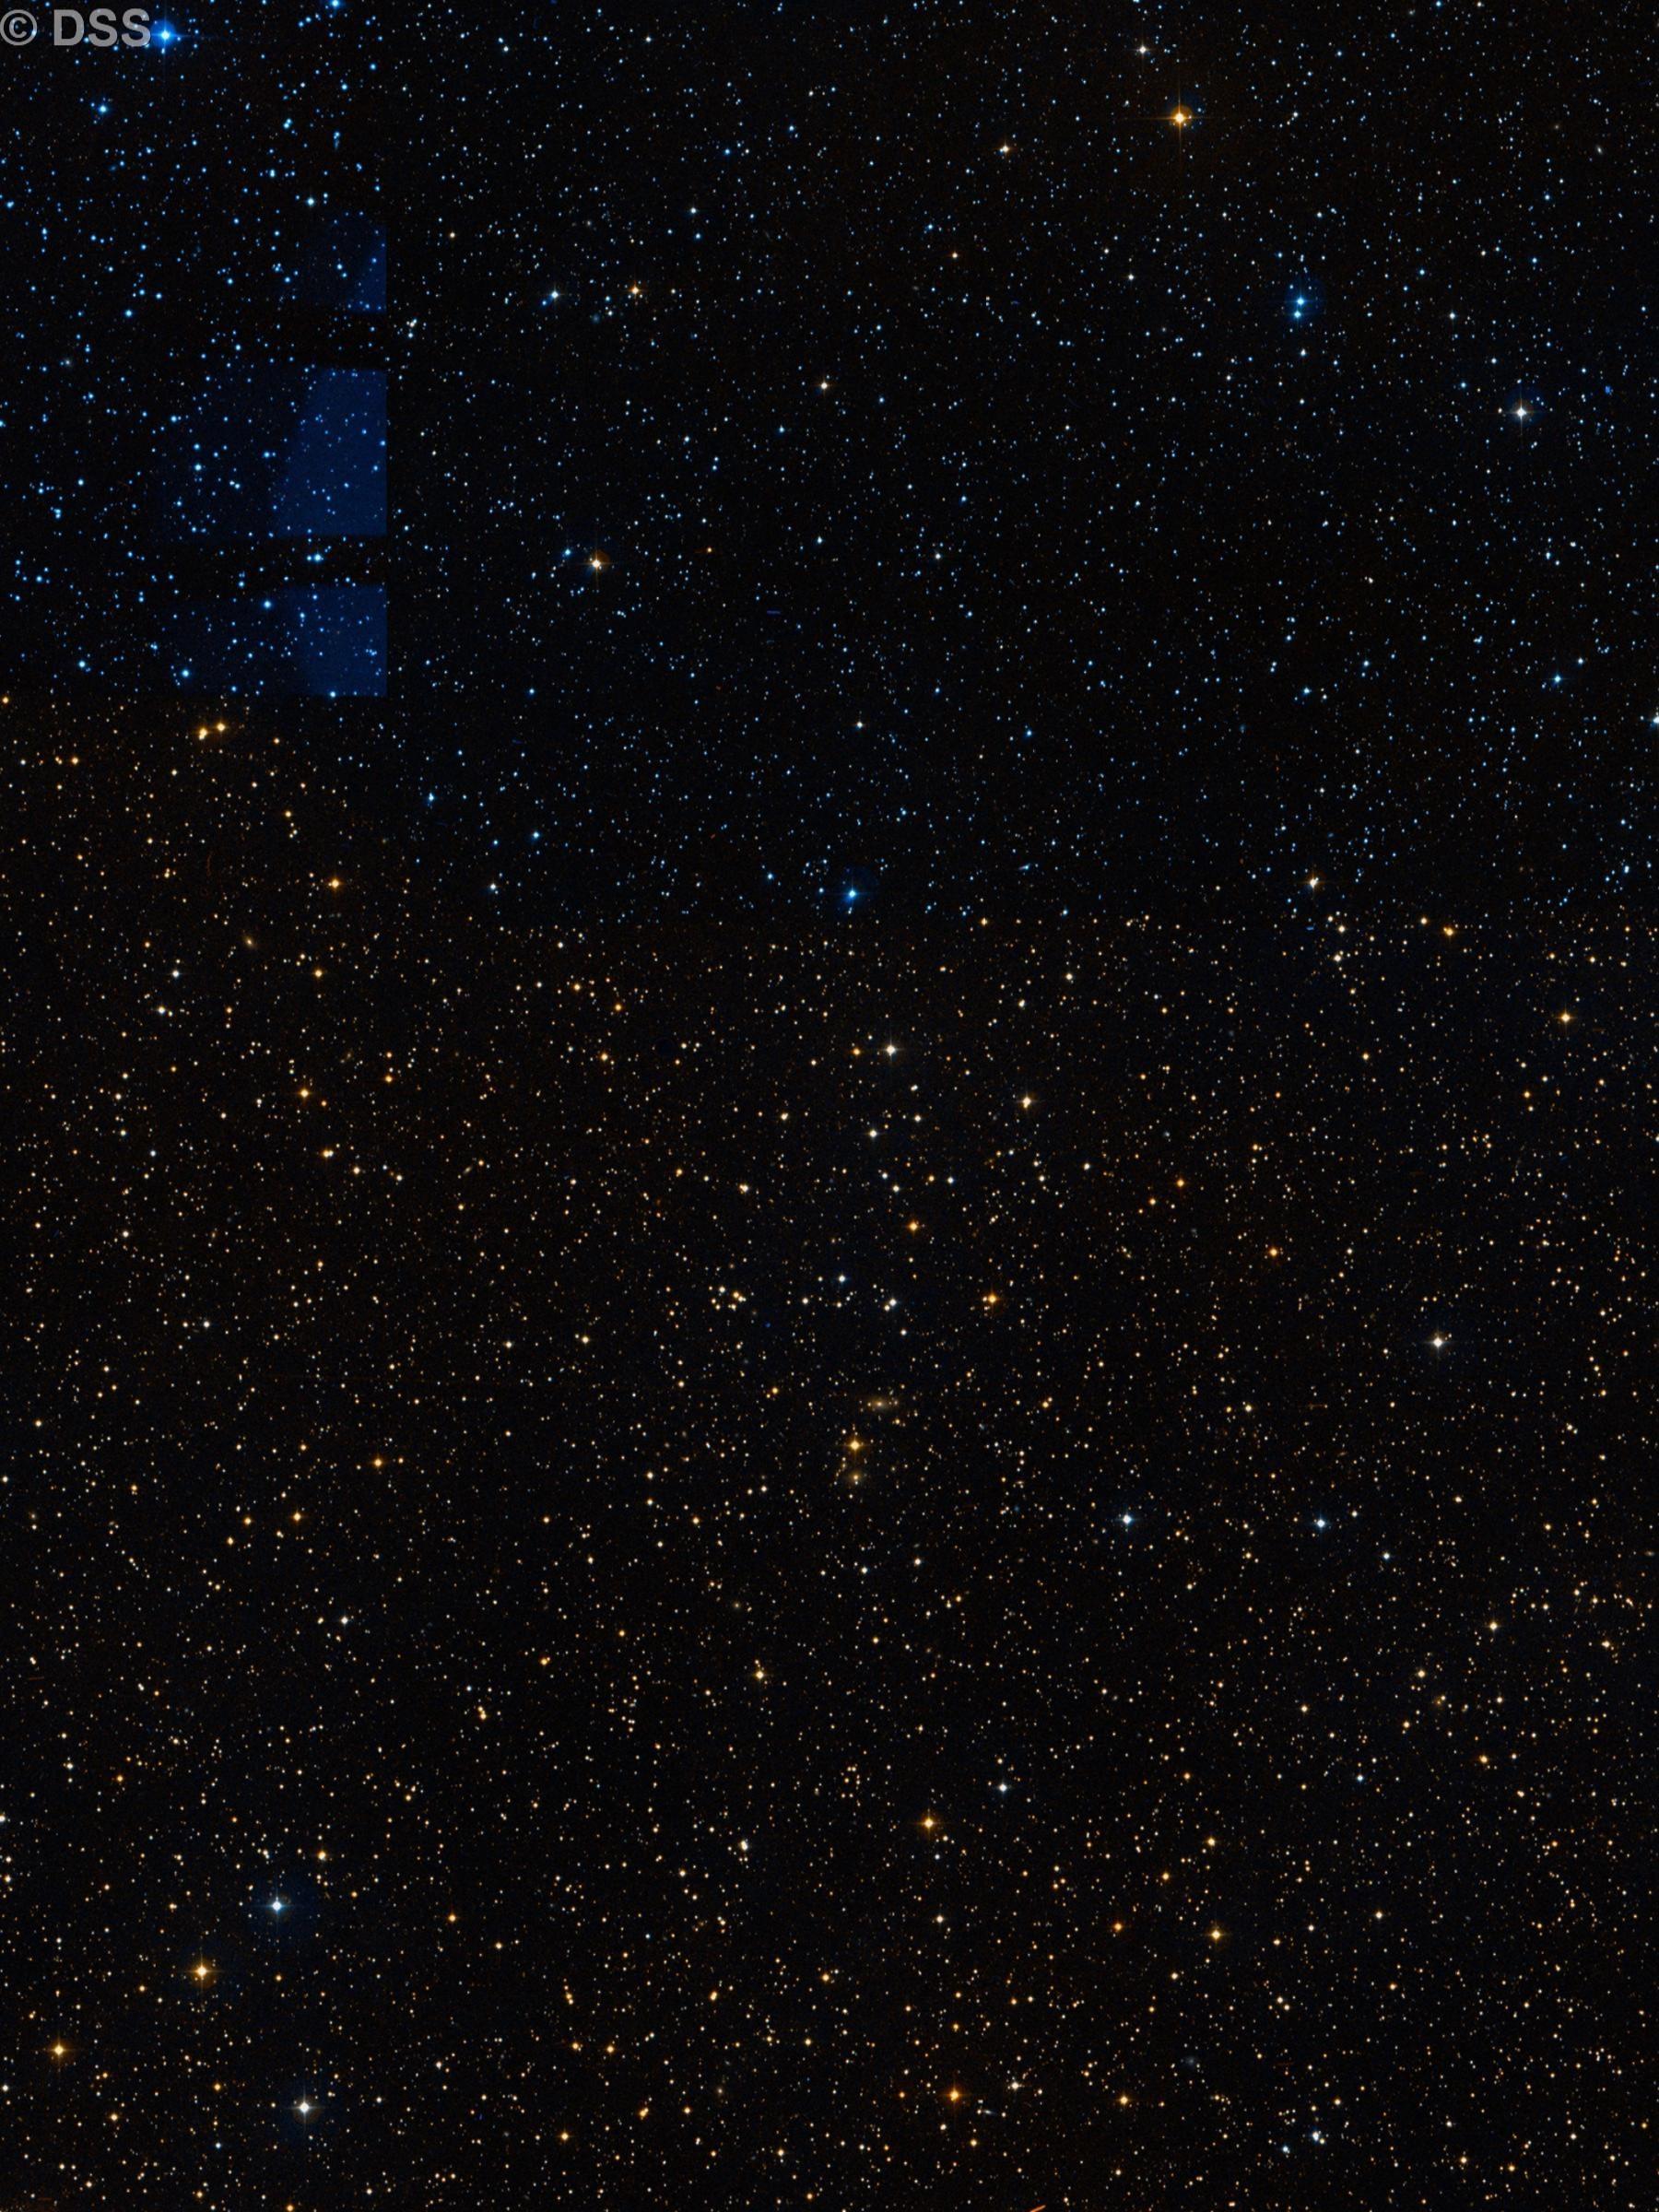 NGC 2331